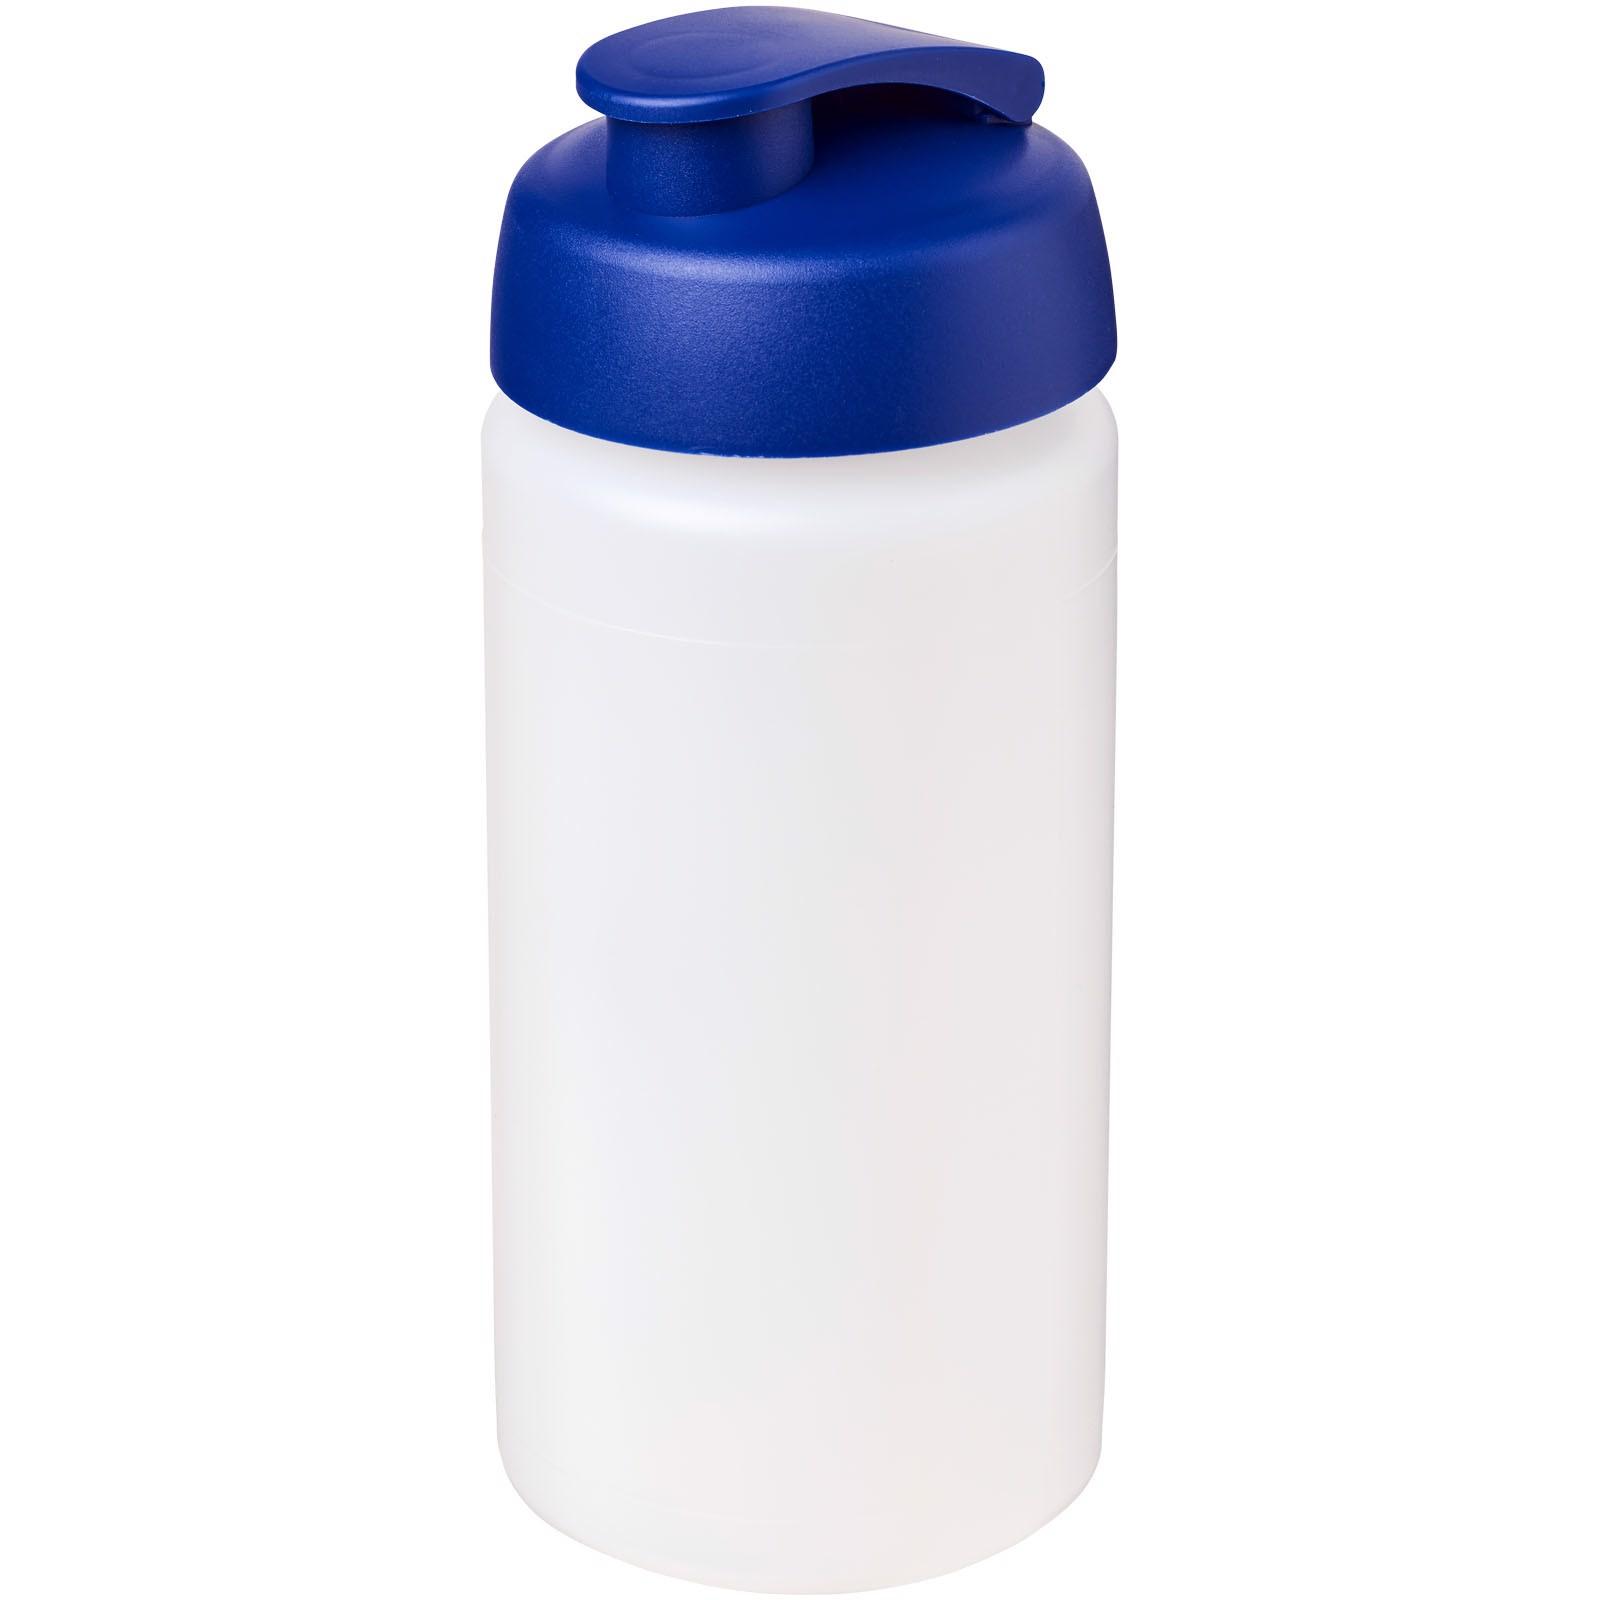 Sportovní láhev s vyklápěcím víčkem Baseline® Plus grip 500 ml - Průhledná / Modrá